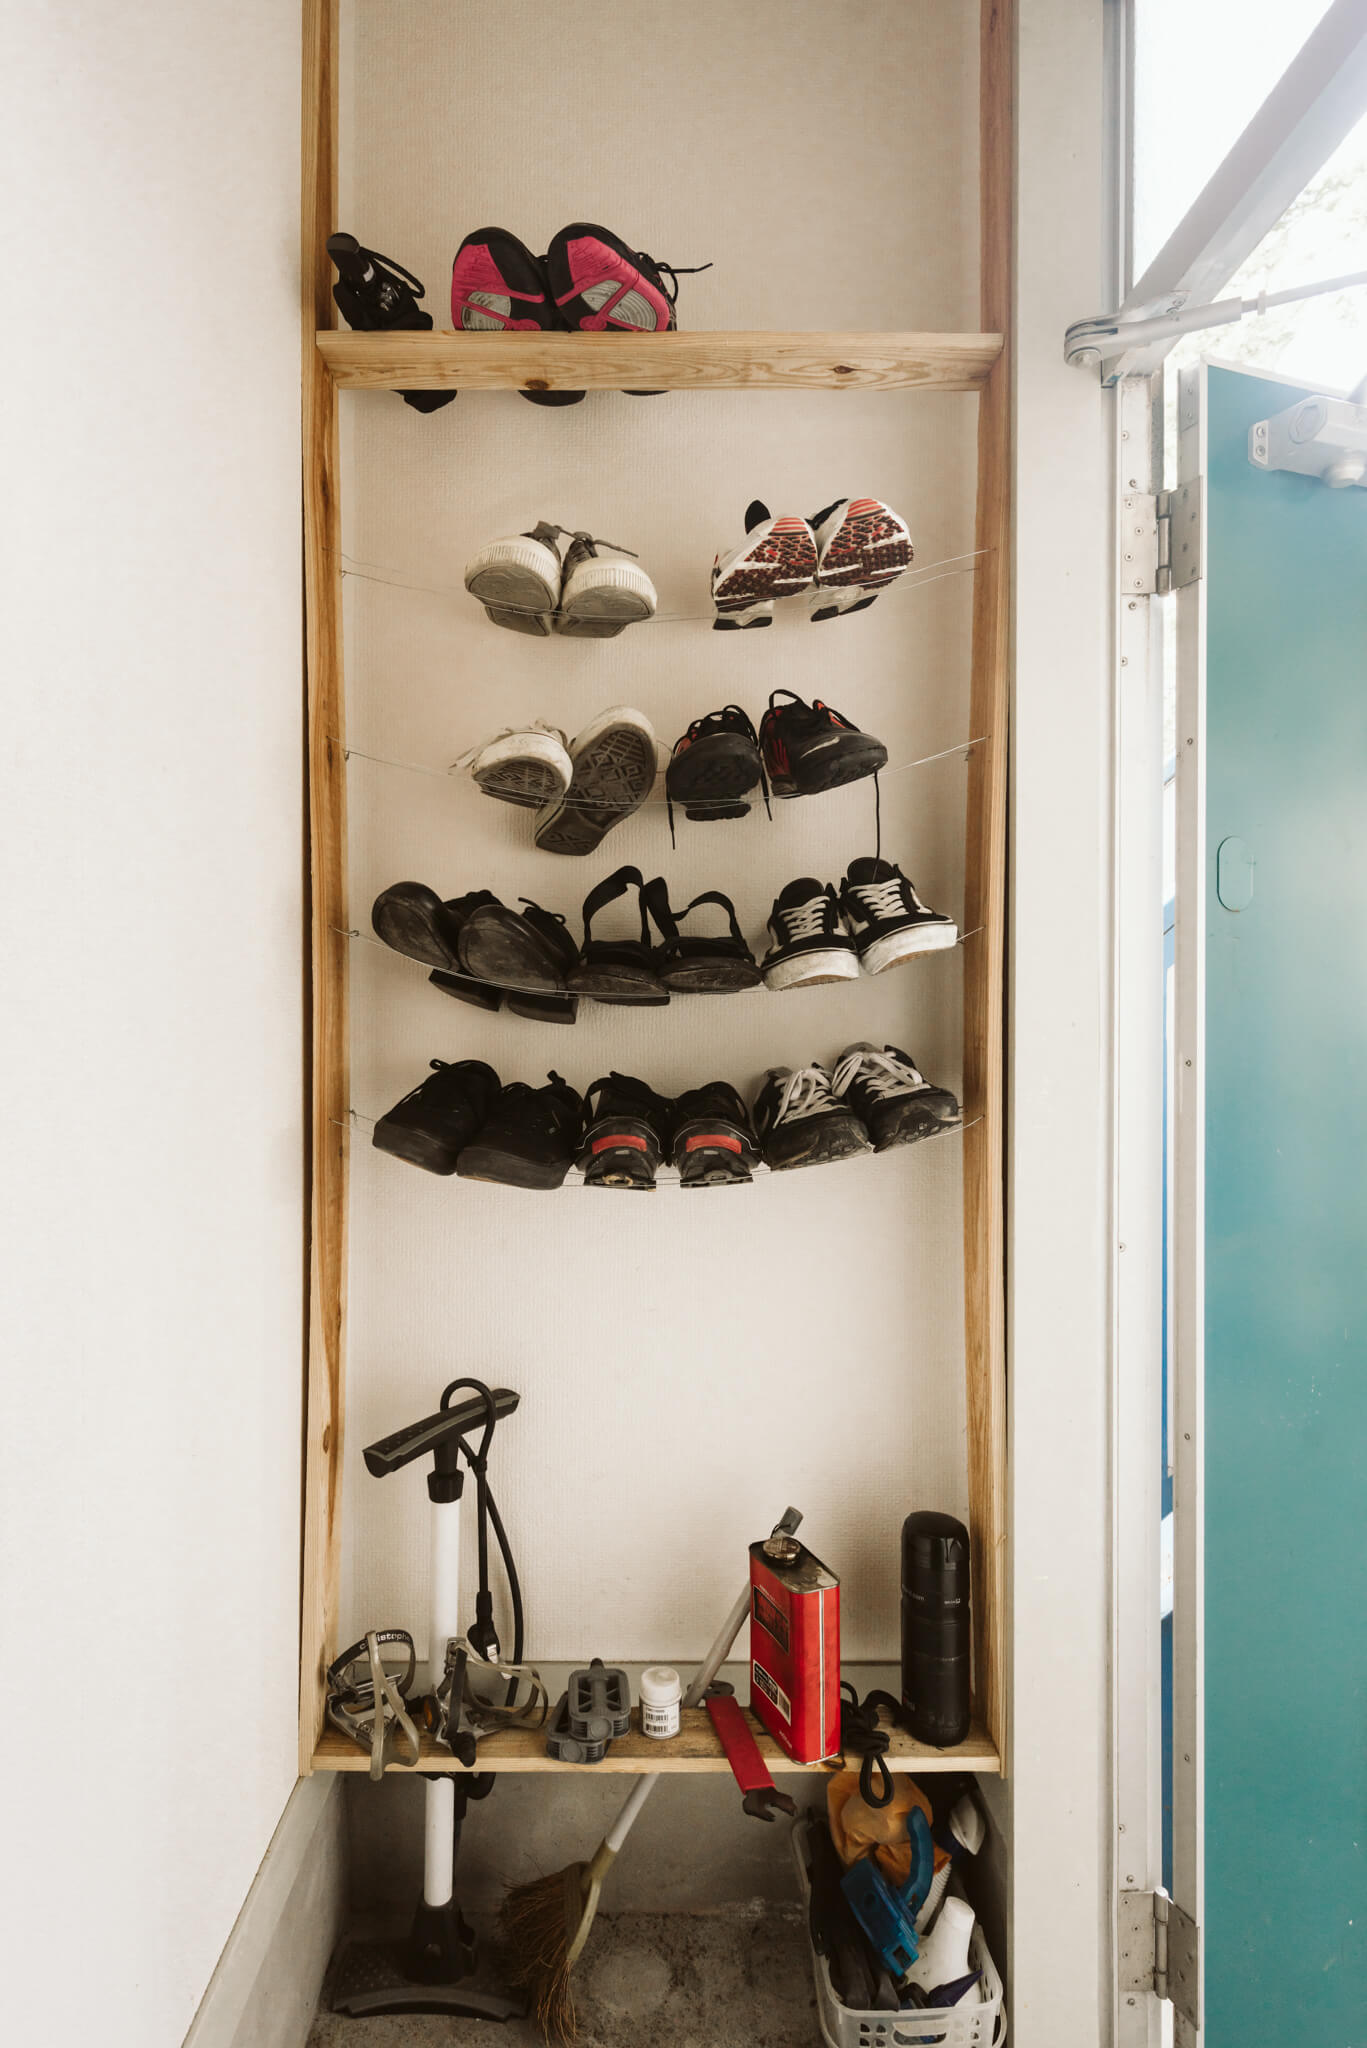 玄関には靴と趣味の自転車用品をしまう場所を。2本のワイヤーを棚板がわりにするアイディアで、空間が広く見えます。